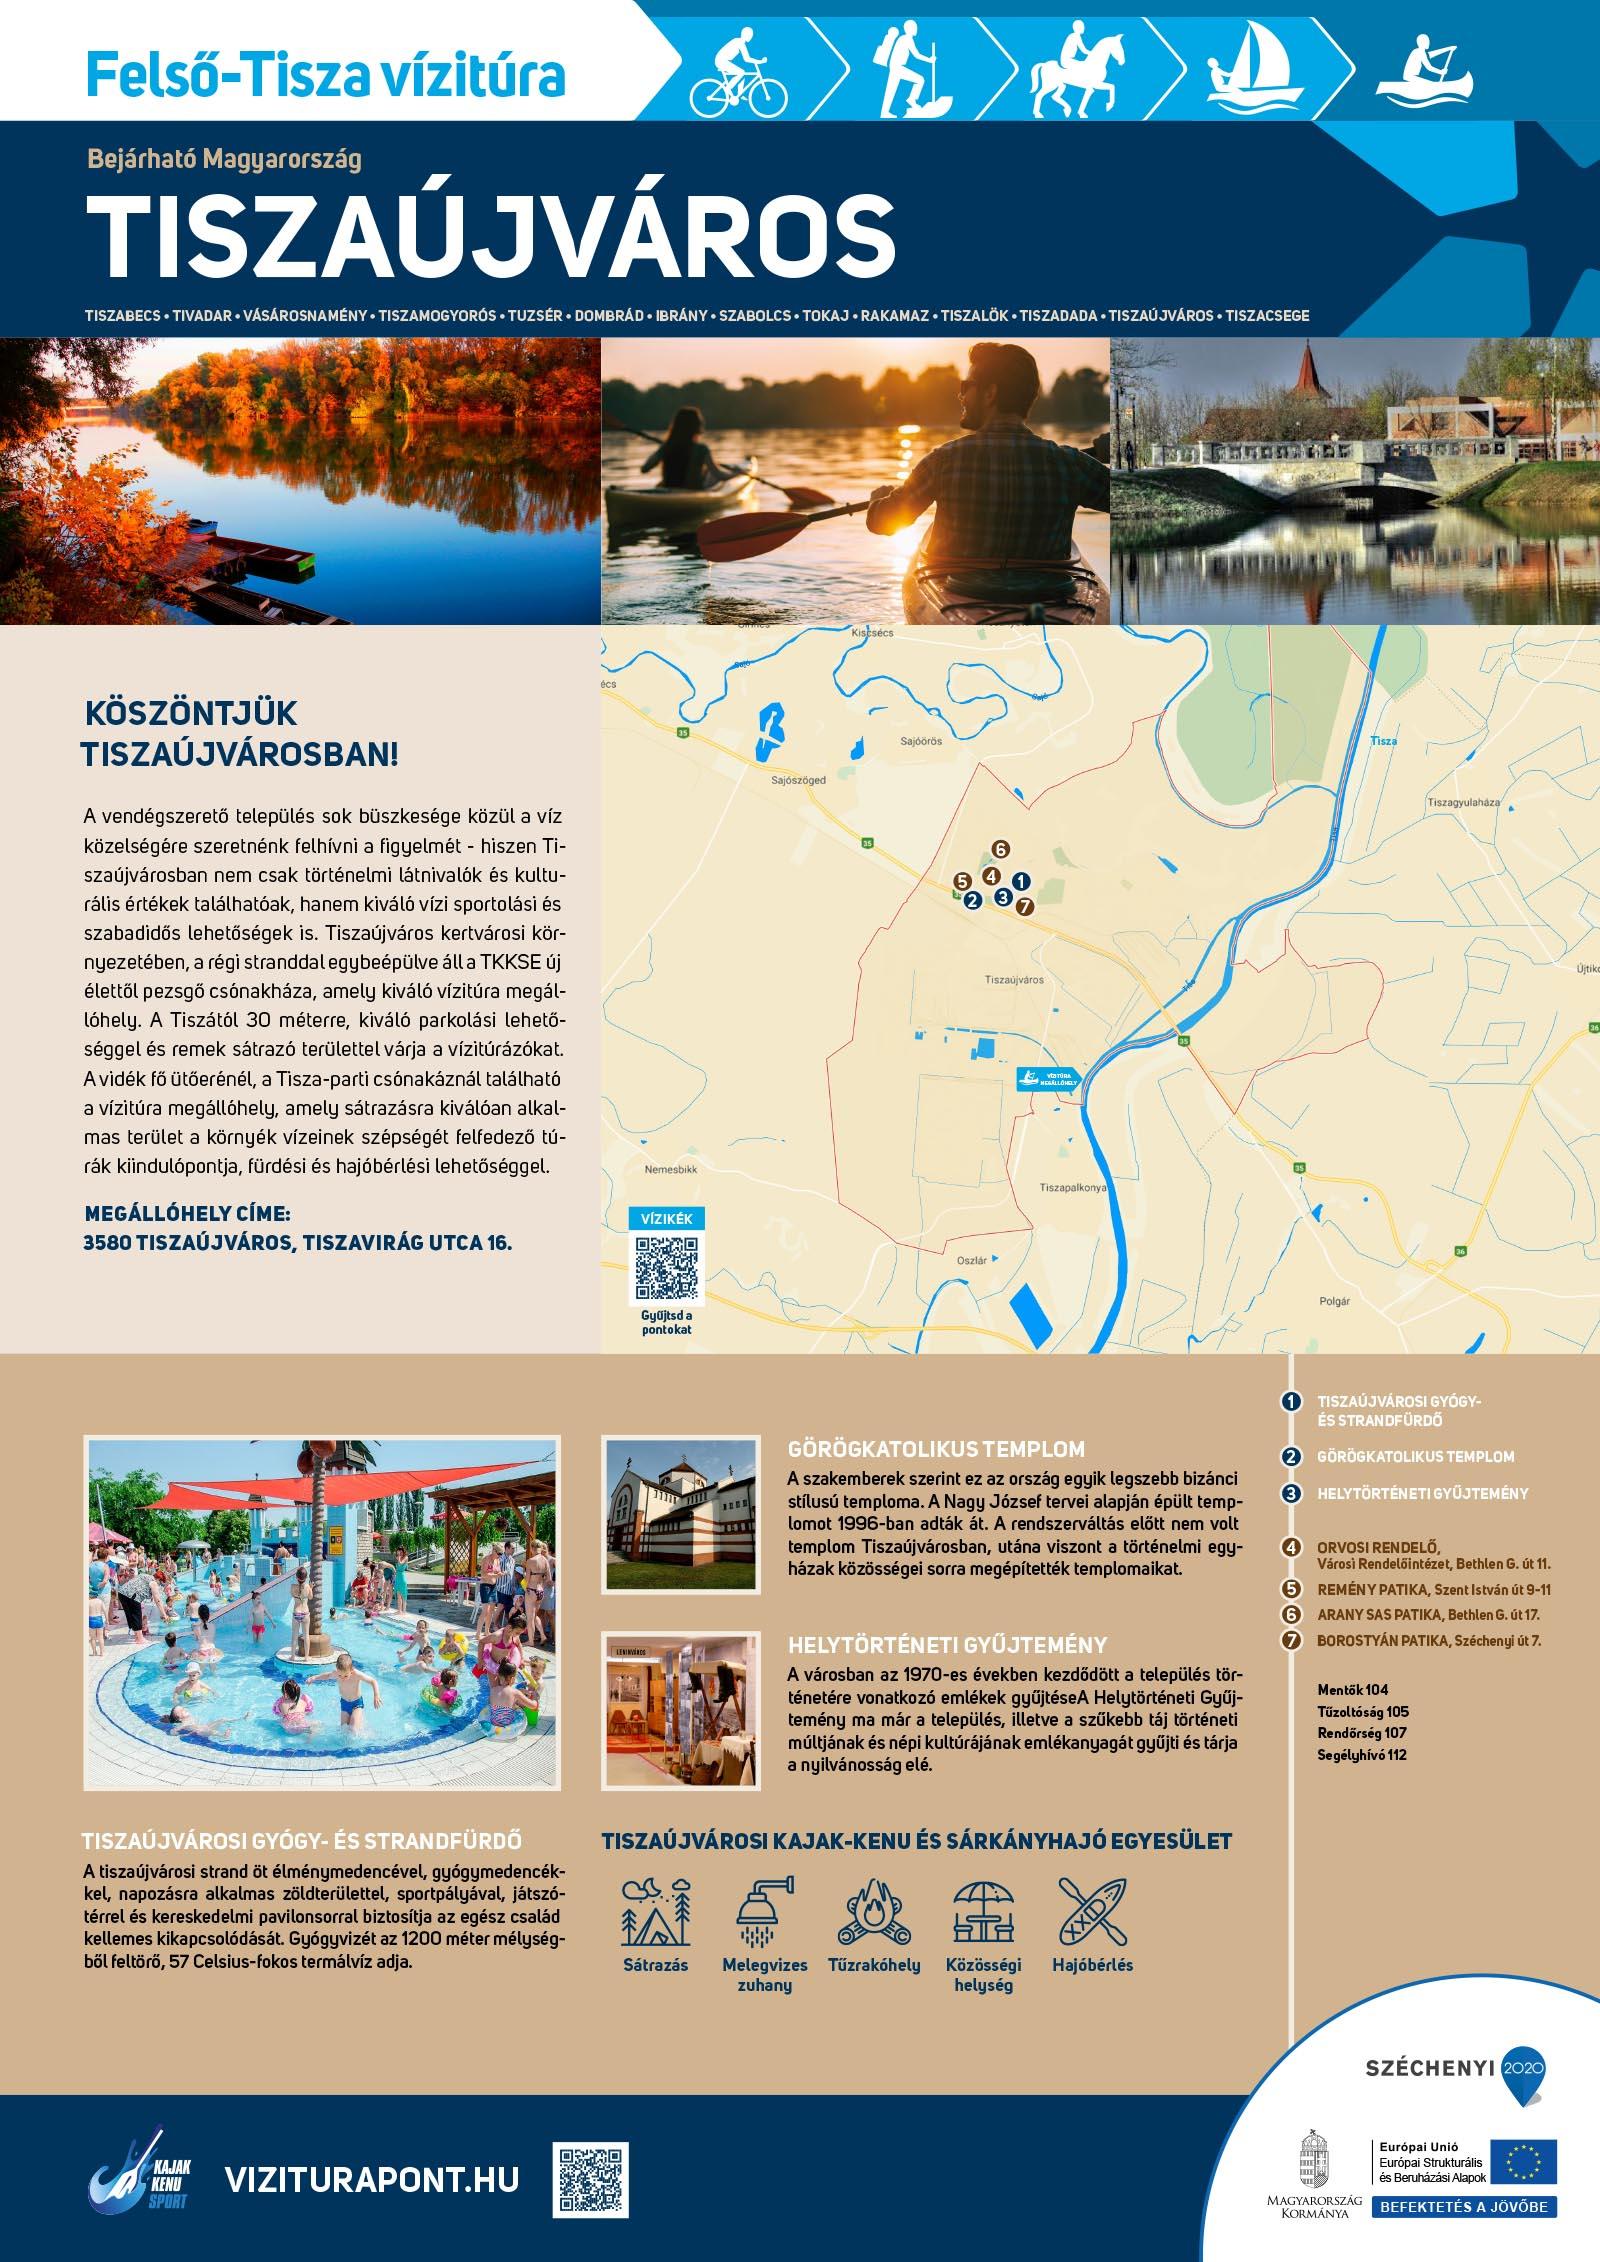 Bejárható Magyarország turisztikai kommunikáció projekten belül a tábla látványterve